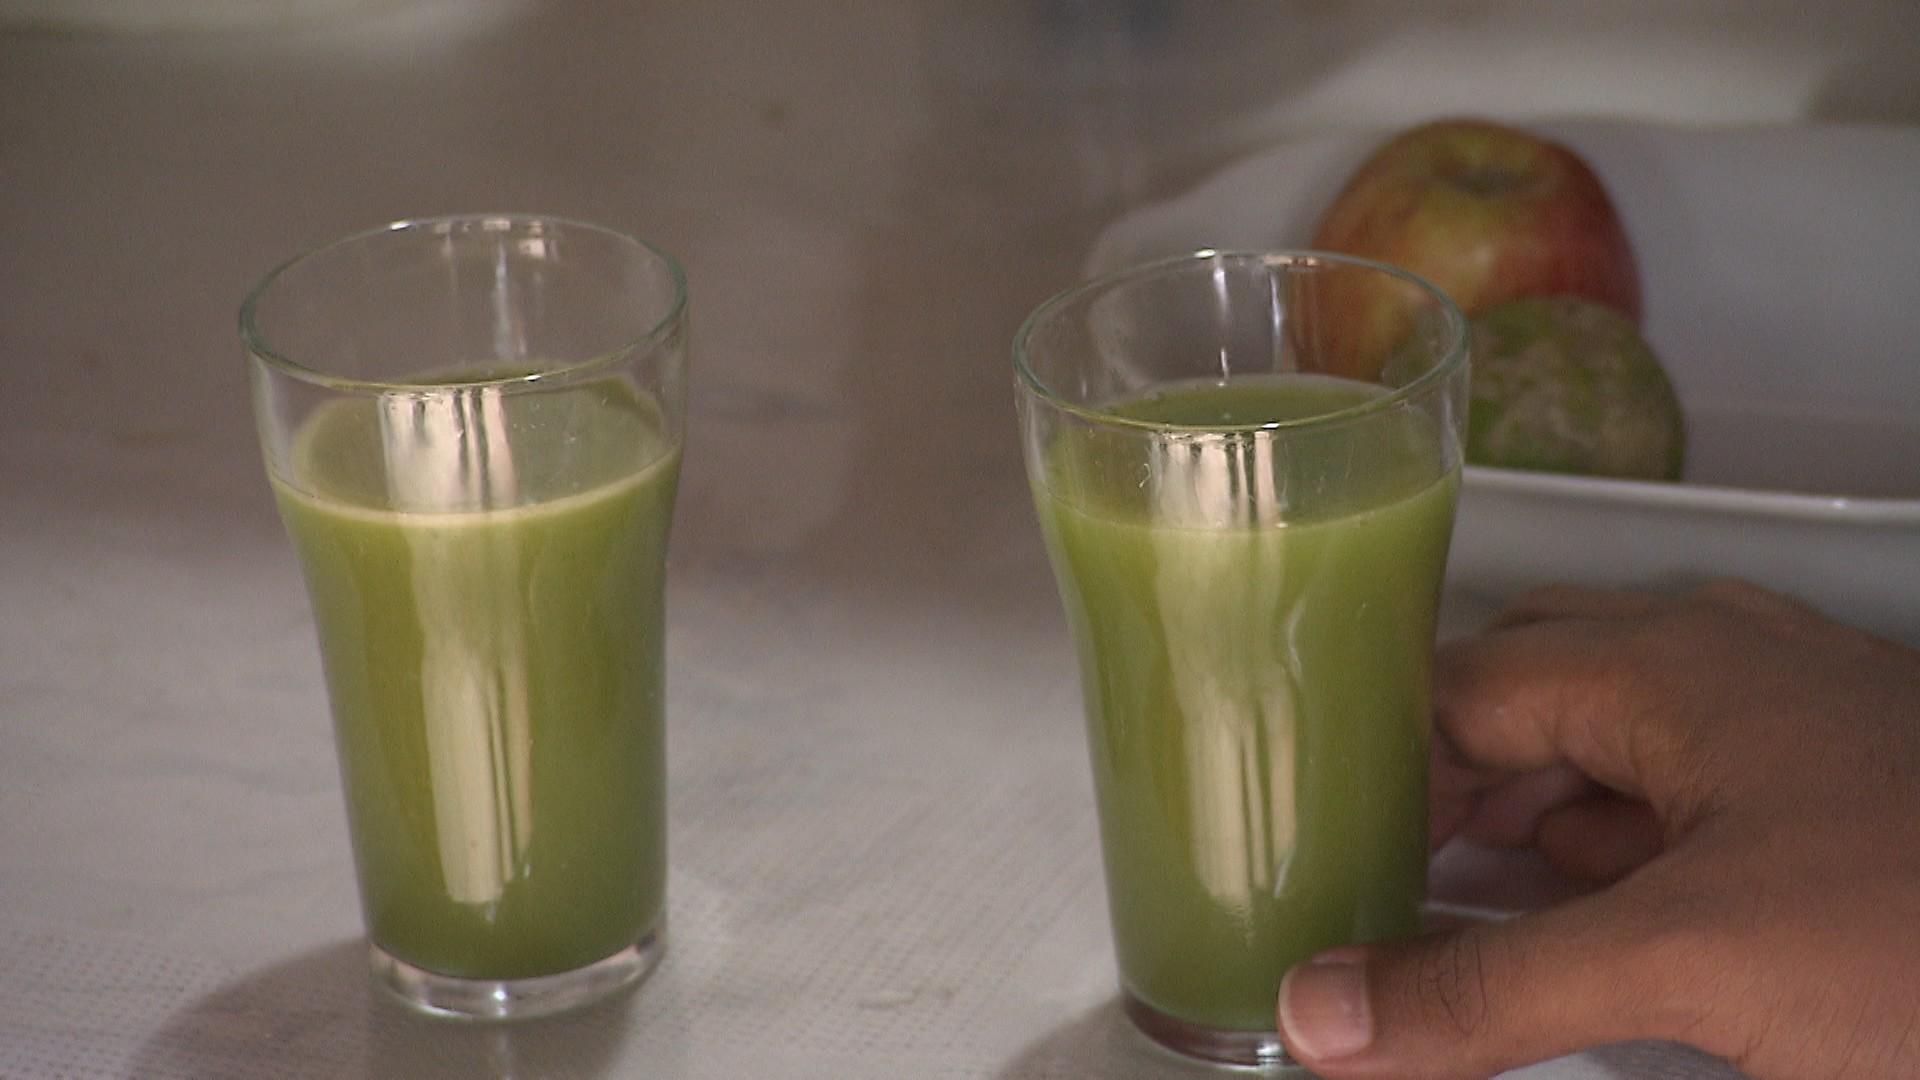 O suco serve para desintoxicar o organismo, segundo Rebeca (Foto: Divulgação)